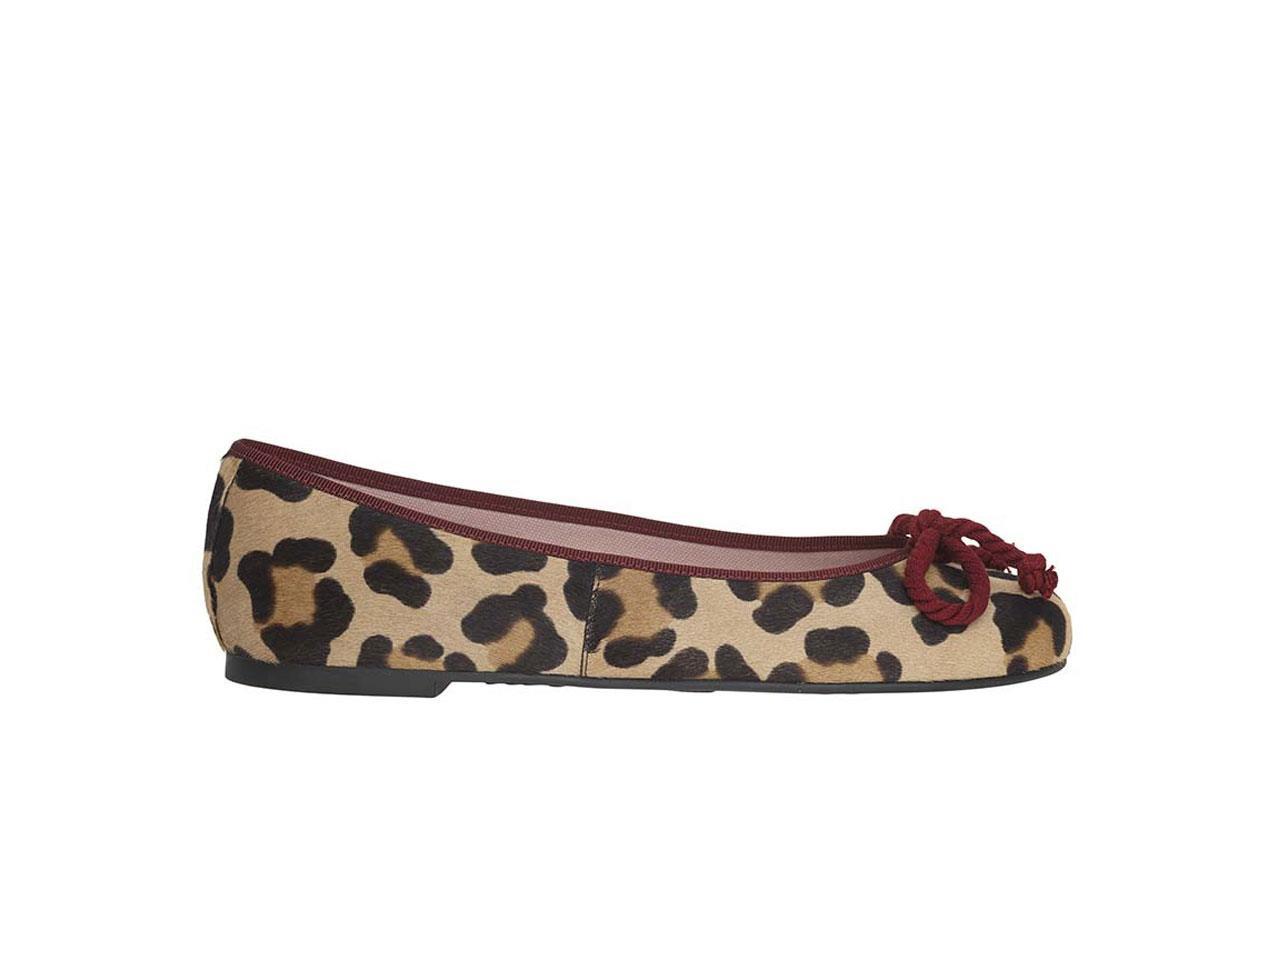 5f96a4e4d2e9 Estos zapatos de marca están muy rebajados en El Corte Inglés